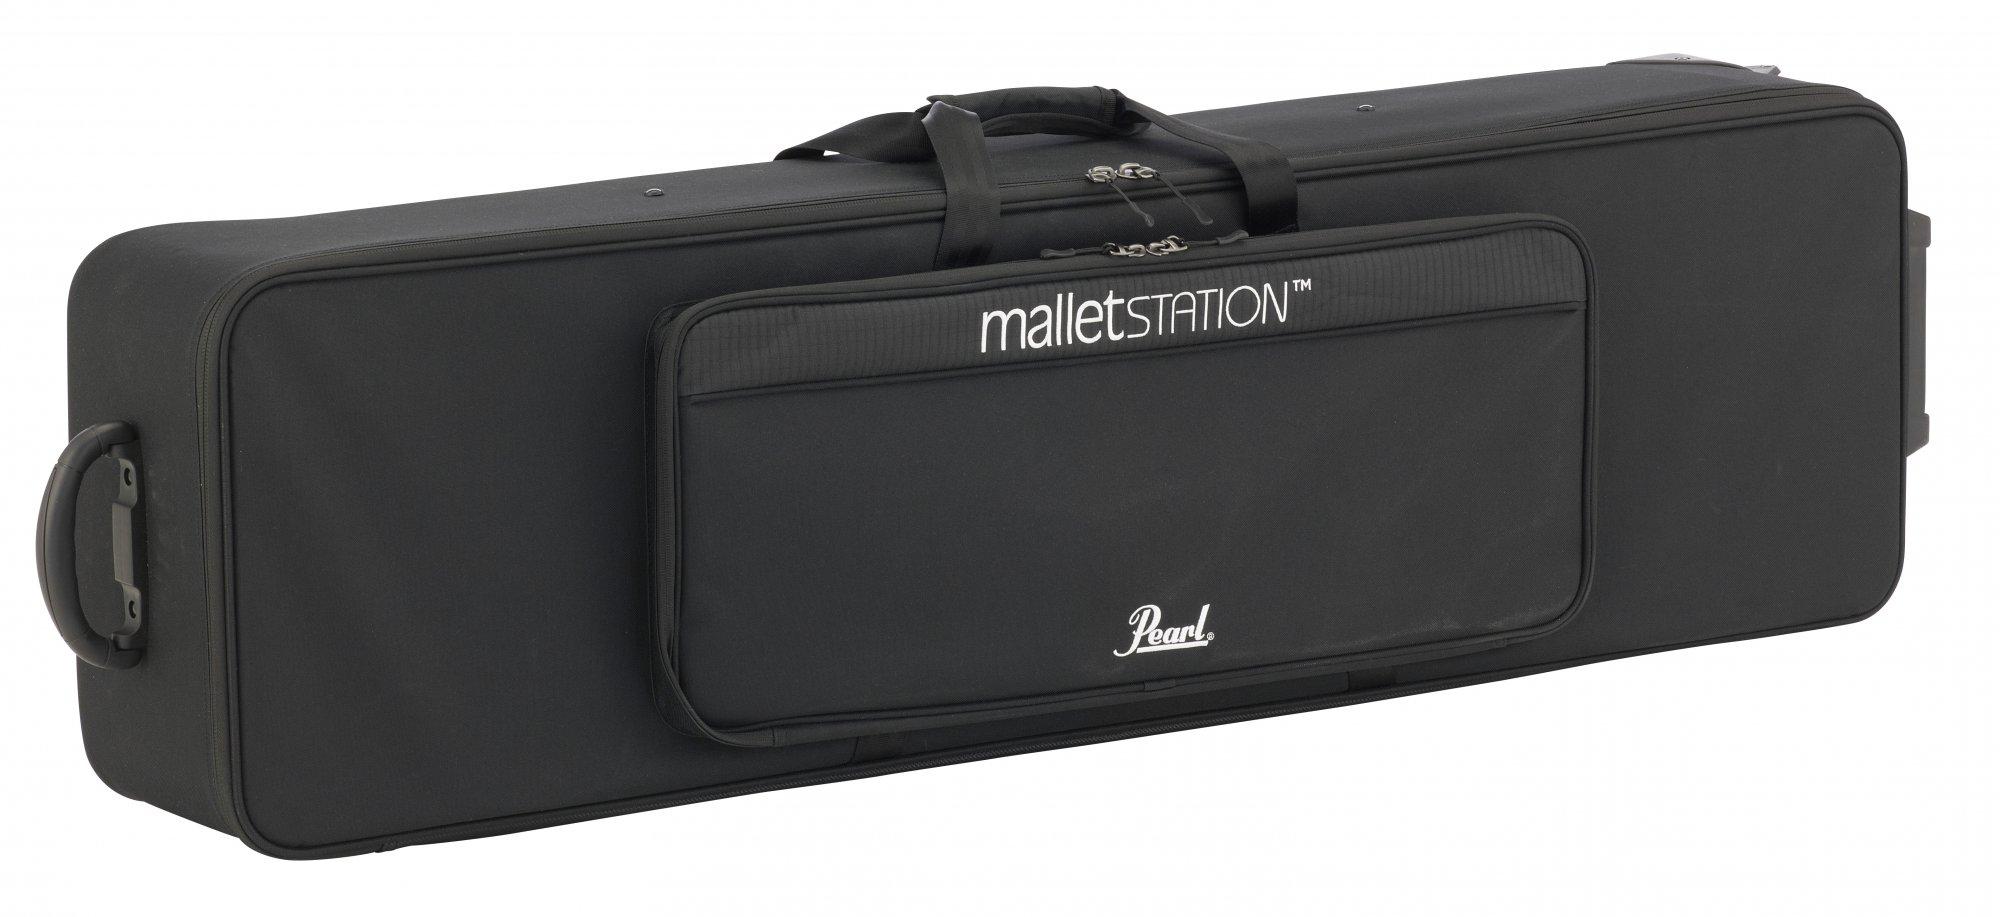 Pearl malletSTATION Semi Hard Side Rolling Case